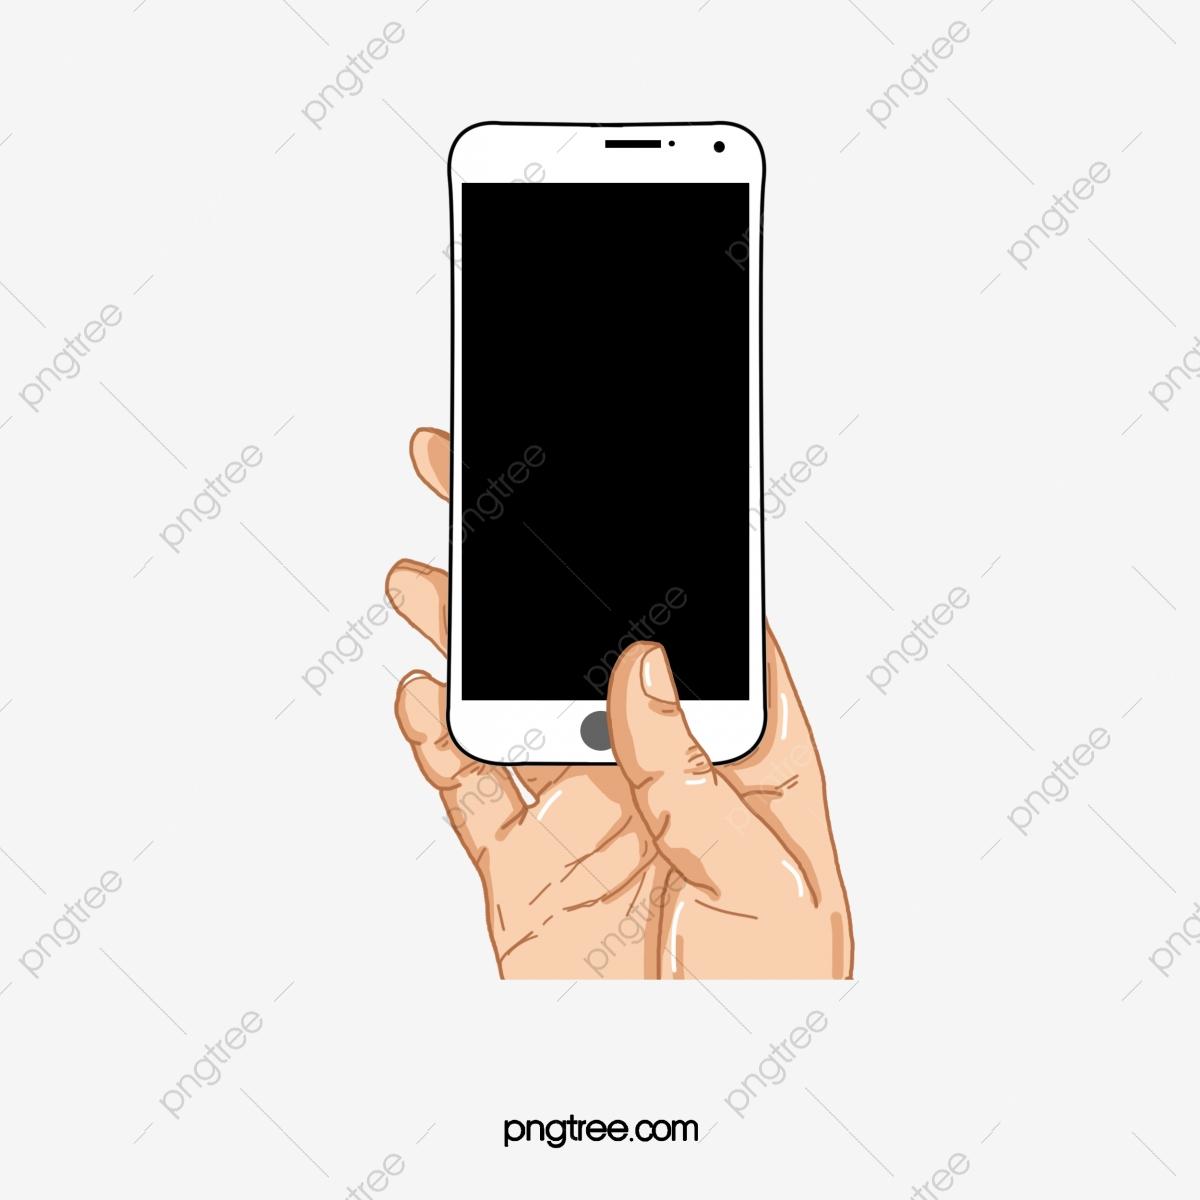 Smartphone Na Mão , Celular Smartphone Smartphone Na Mão, Celular.